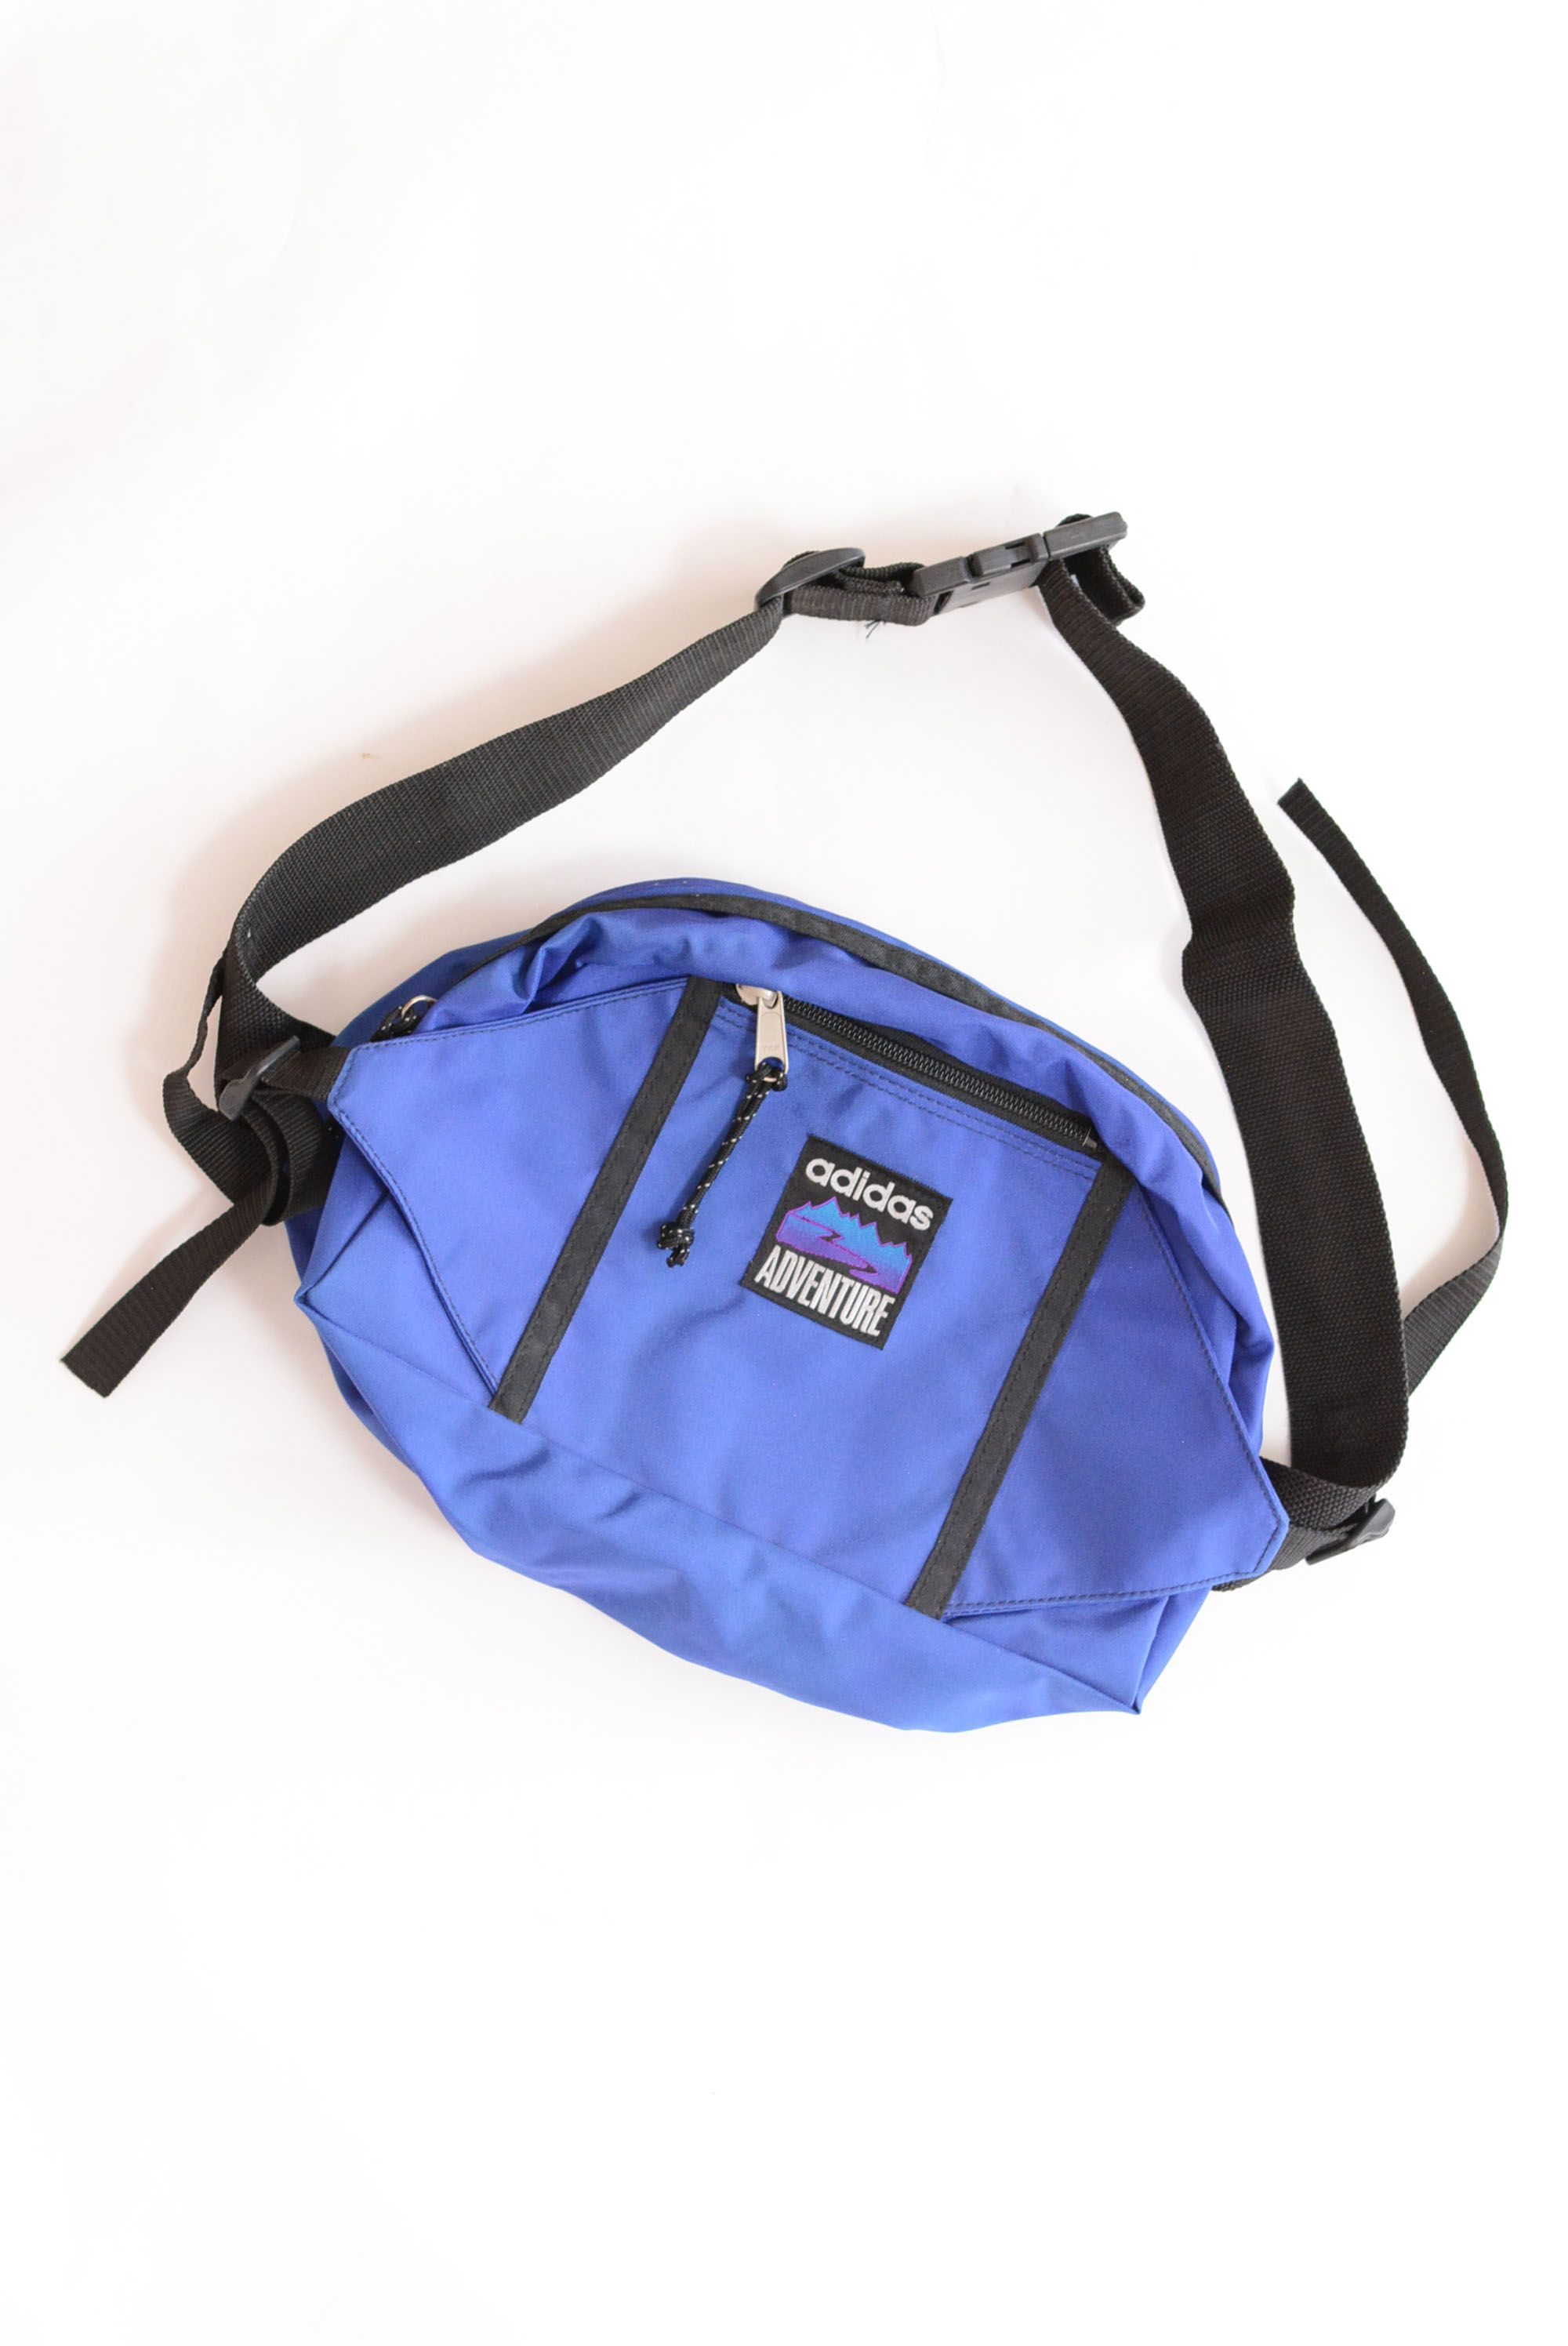 ea0f971f84 USED VINTAGE adidas ADVENTURE BODY BAG ¥1